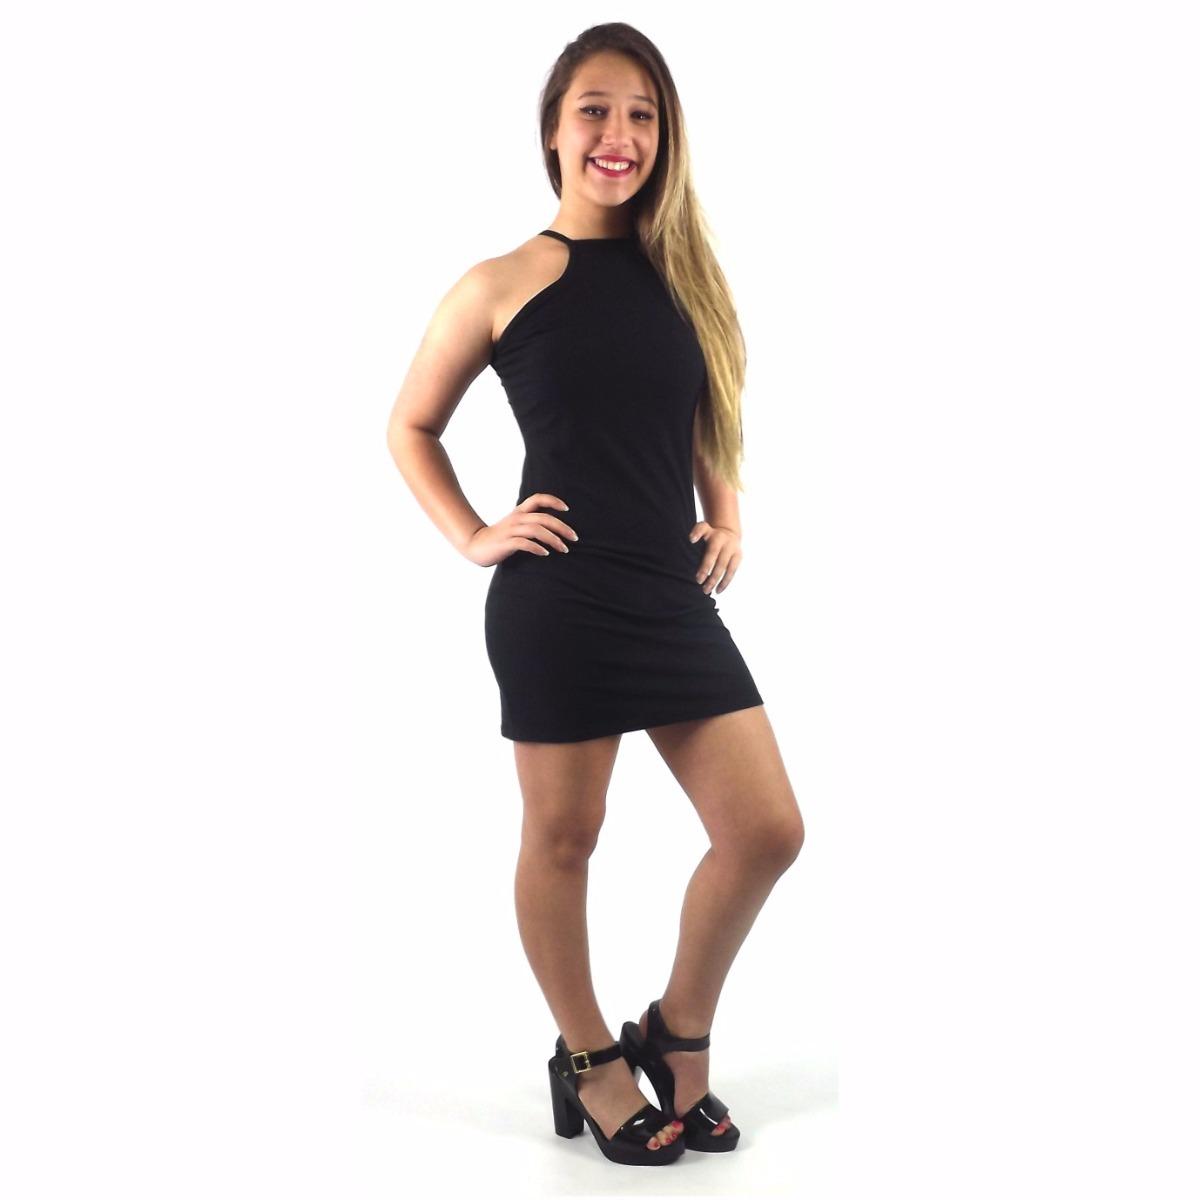 Vestido preto curto 2018